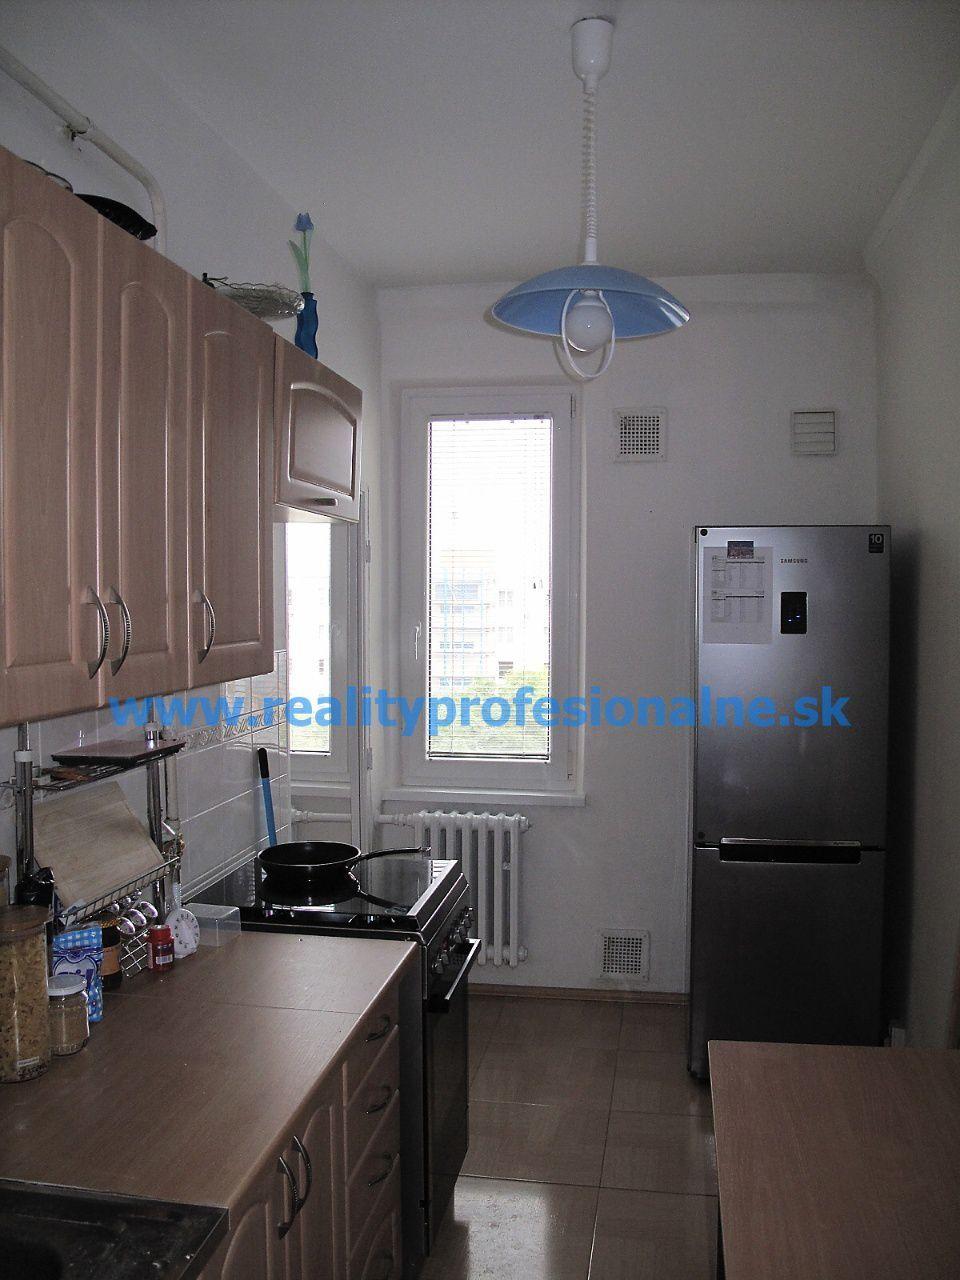 PREDANÉ ZA 6 DNI: 1,5 izbový byt, Bratislava - Ružinov, predaj slnečného bytu vo výbornej lokalite